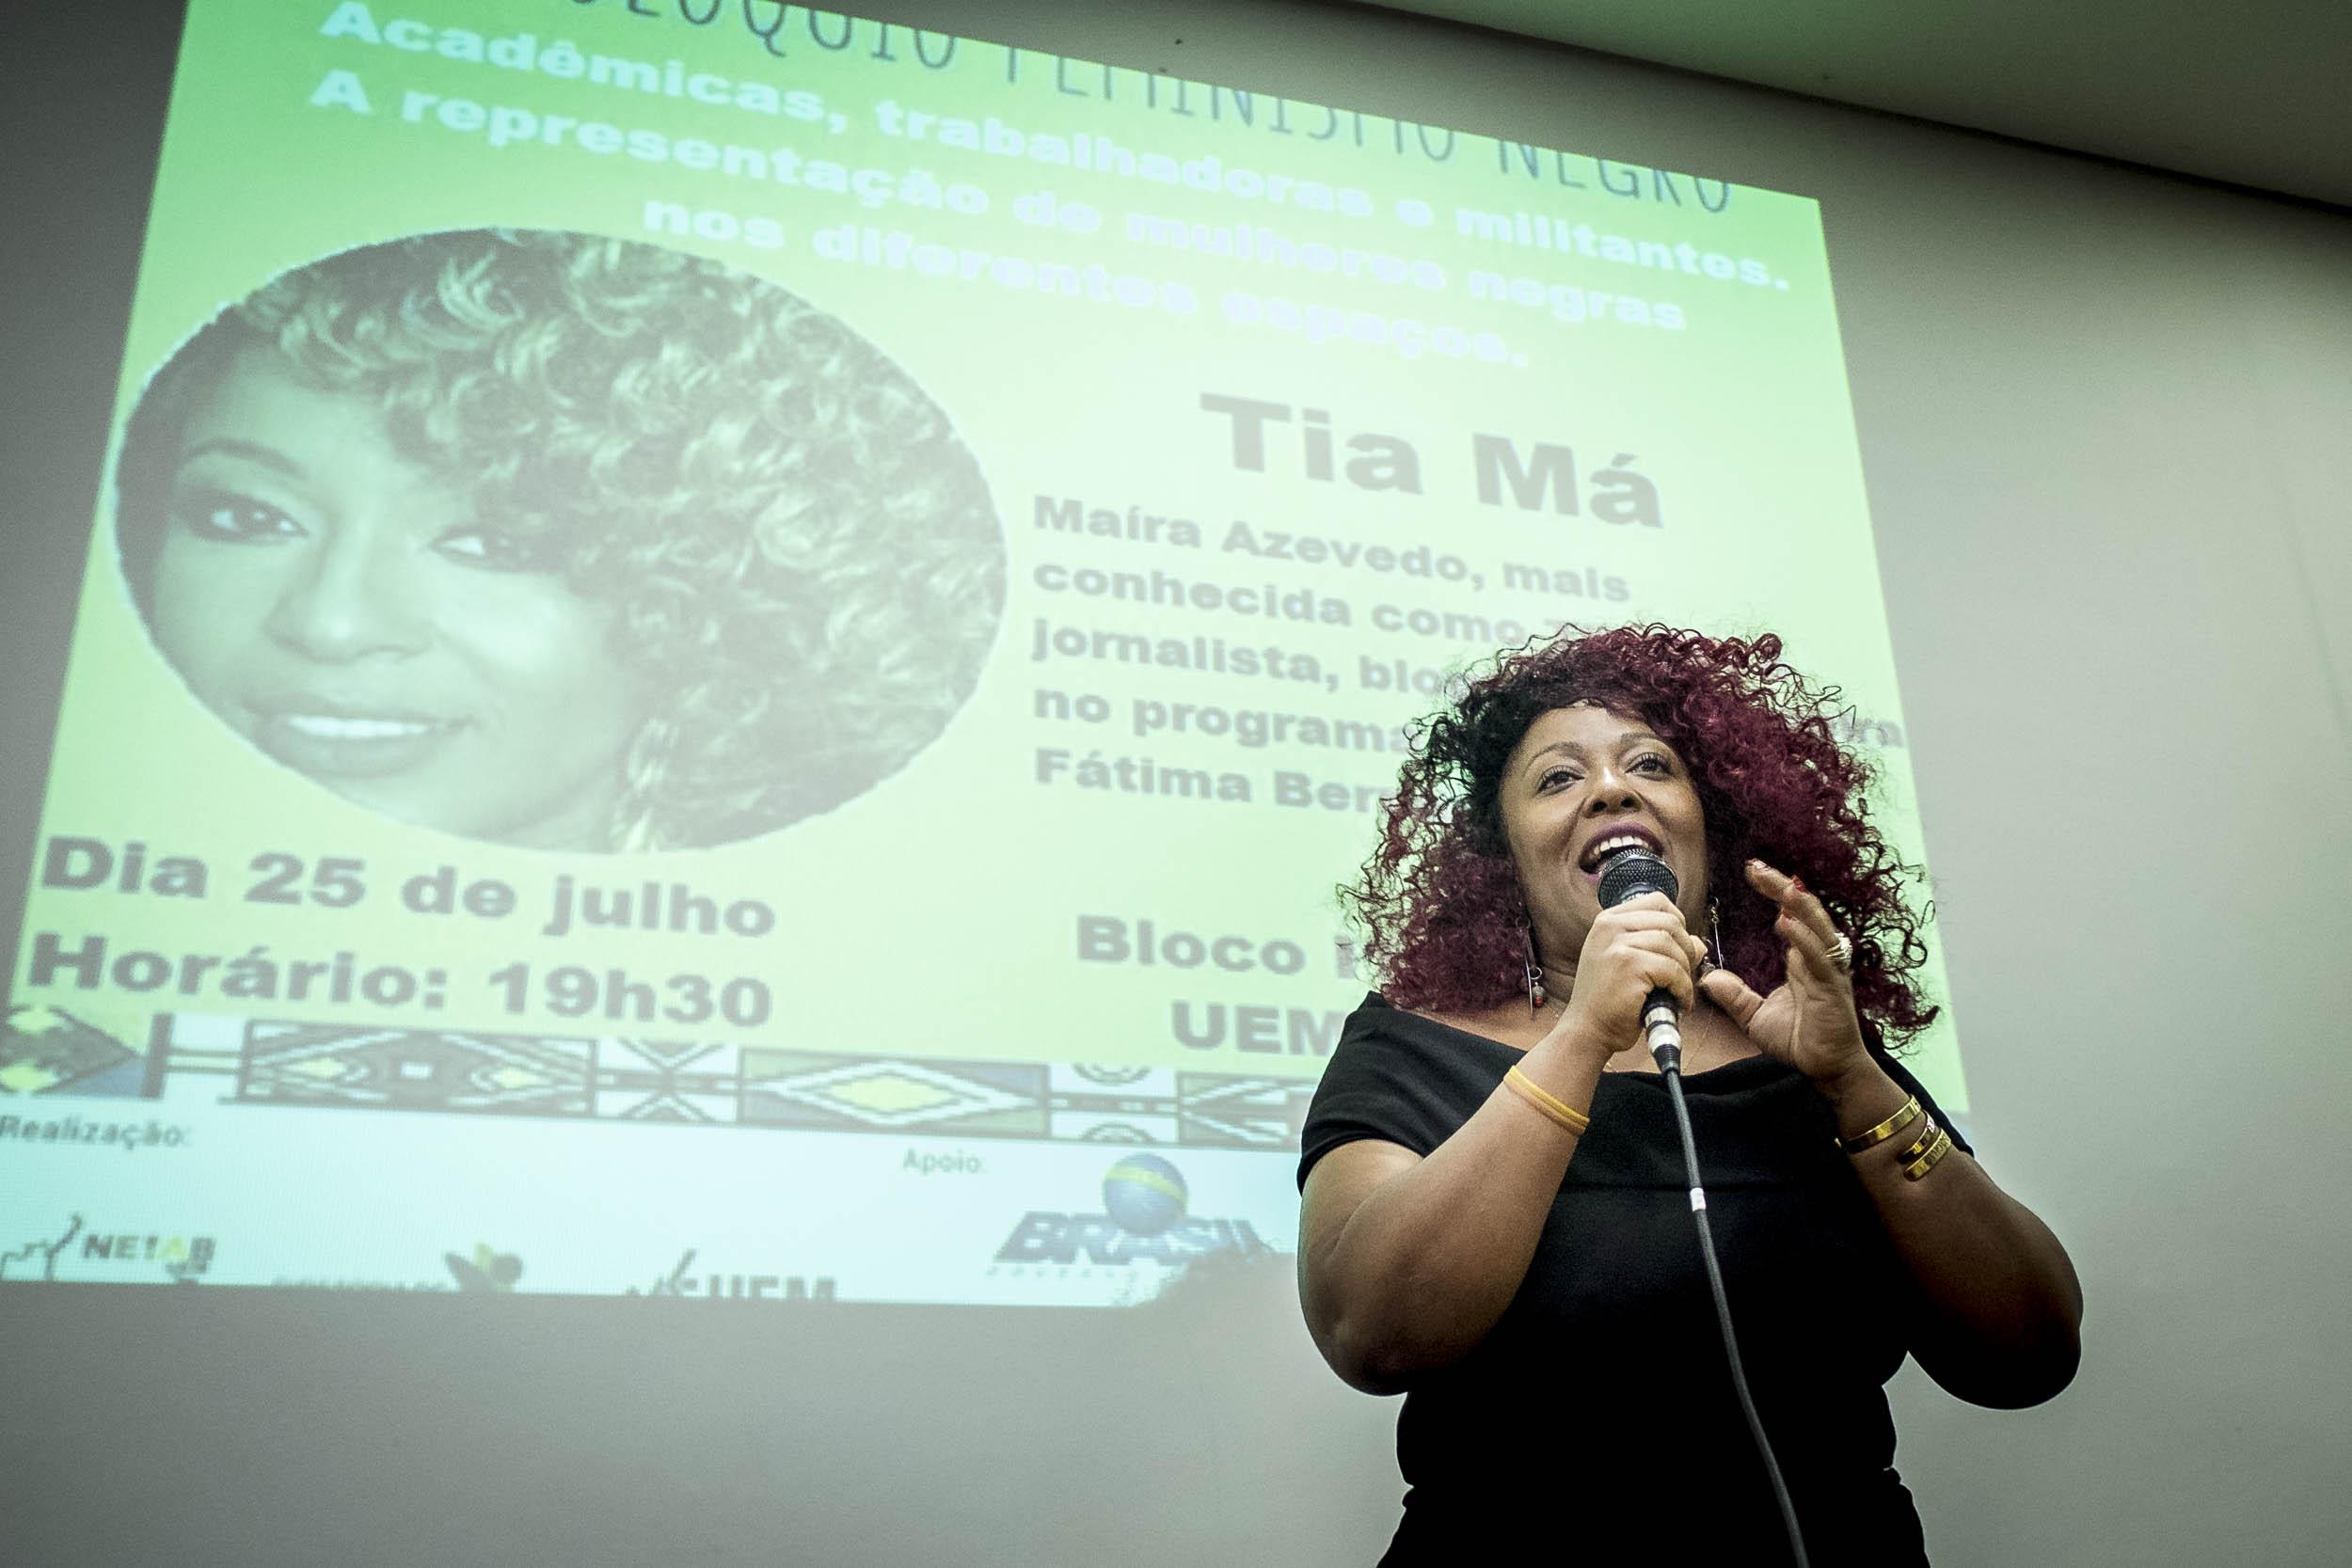 feminismo negro 20170726 1365926694